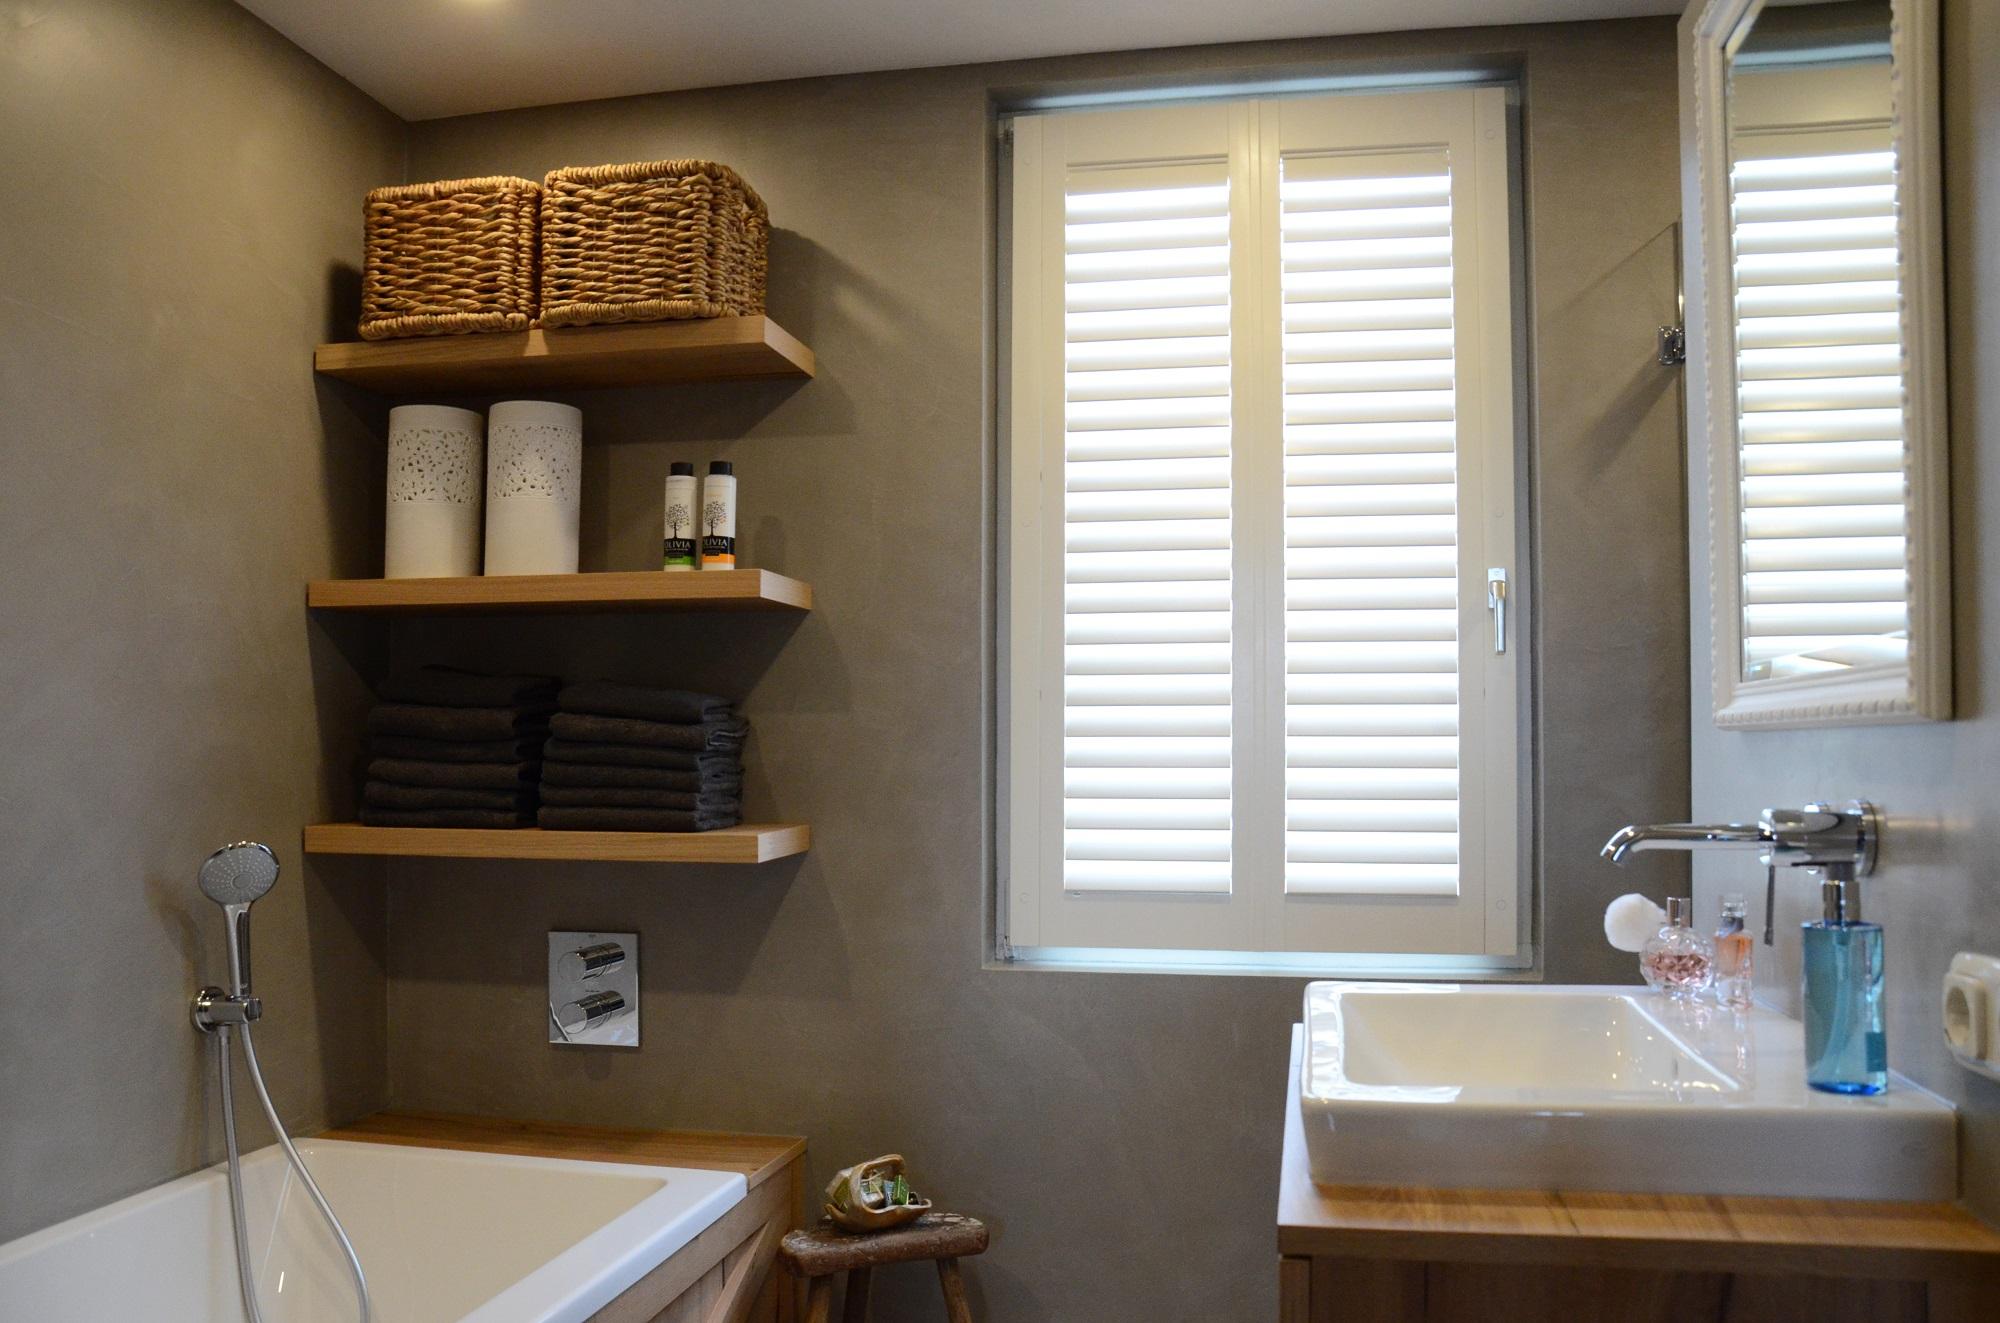 Badkamer Beton Interieur : Voorbeelden betonlook stoer vloer